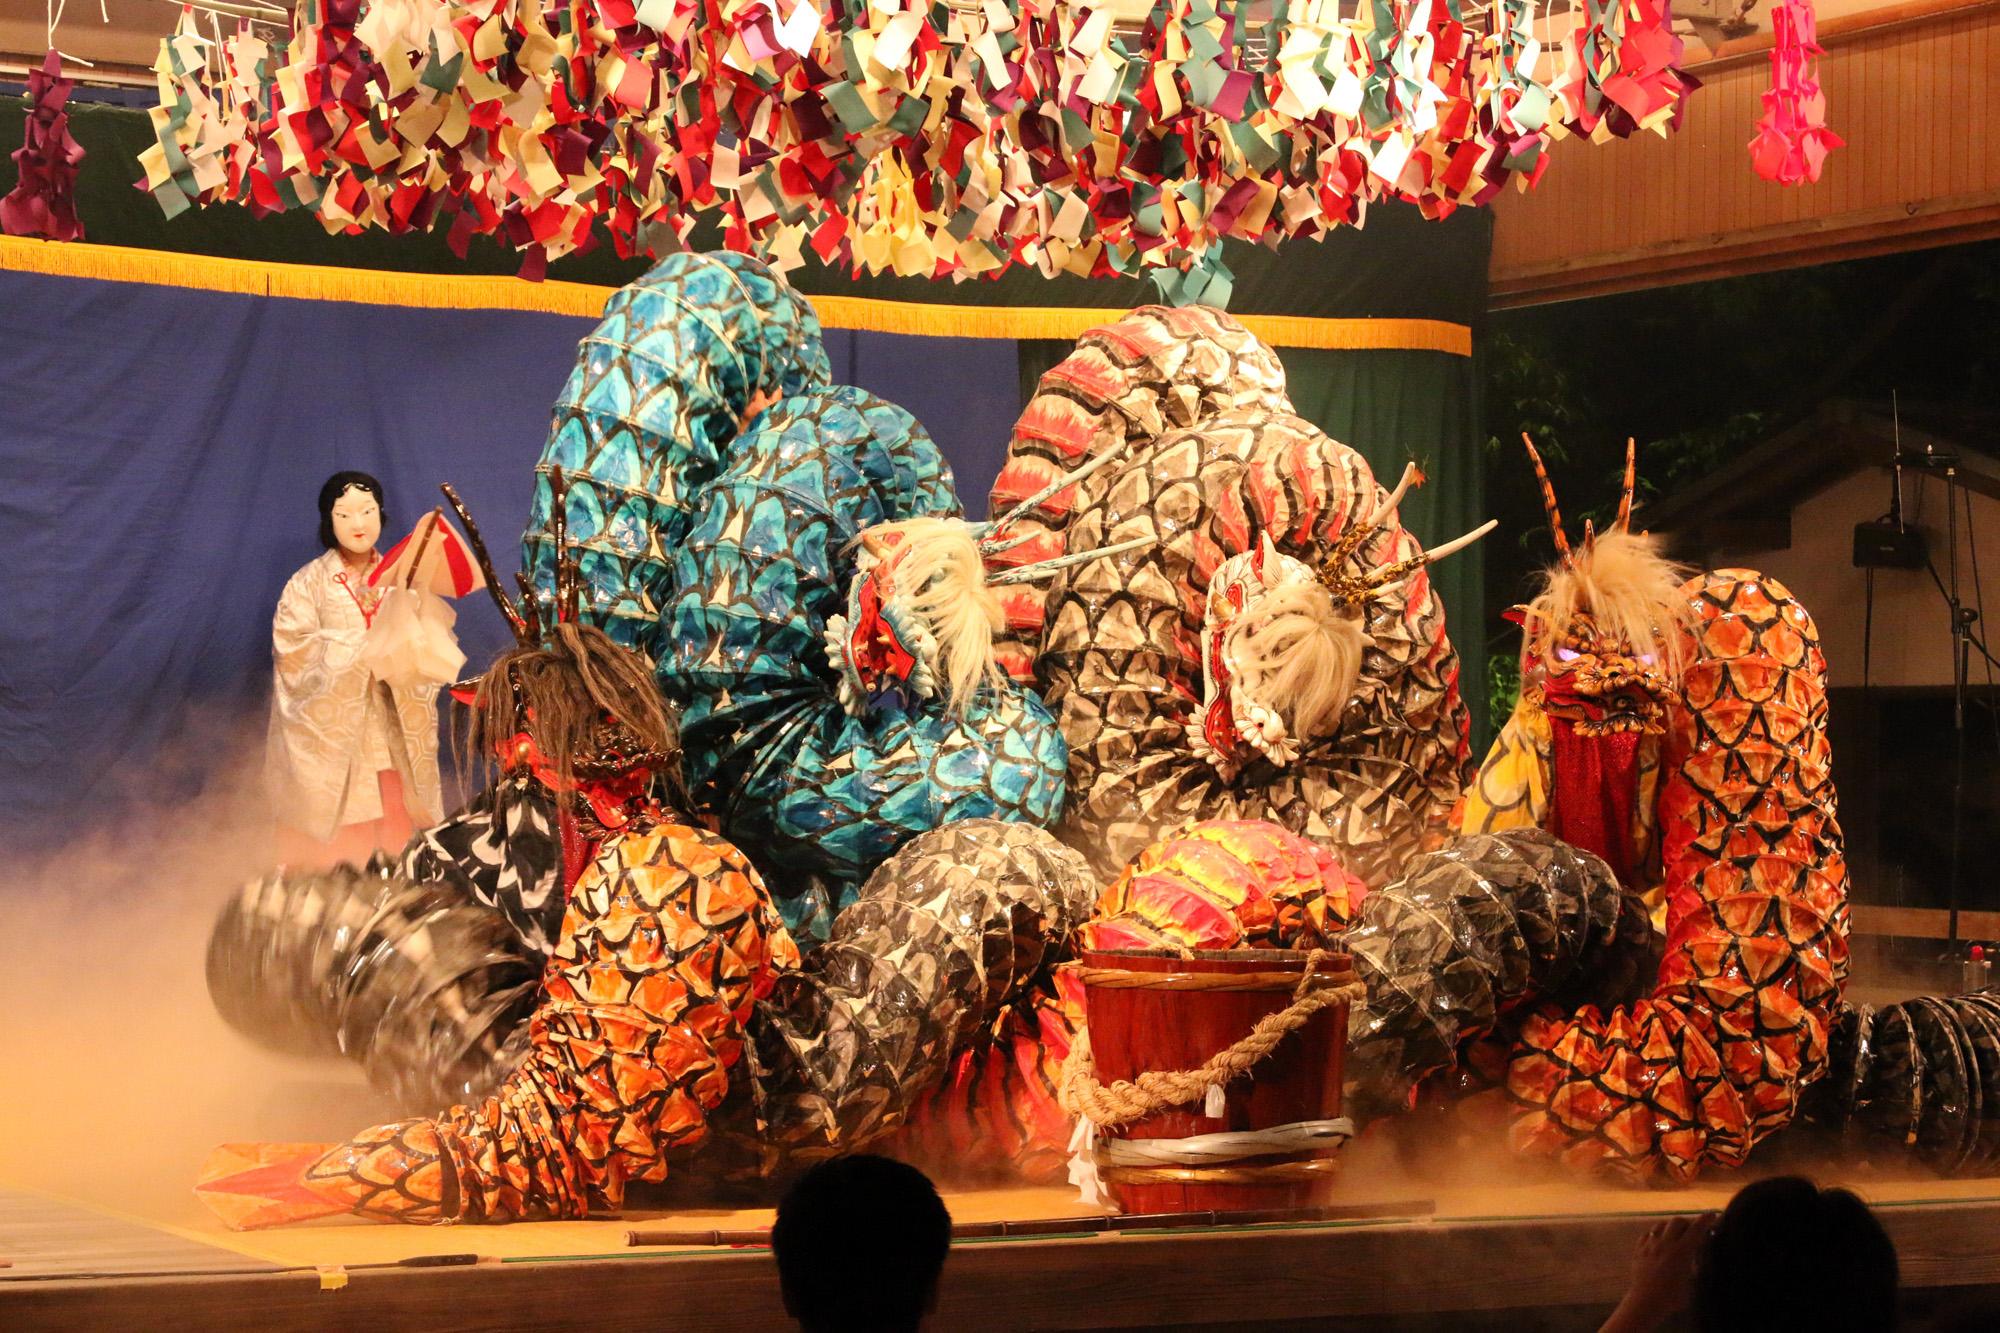 大迫力の舞台を広島のホテルが実現 人気神楽団による伝統芸能「夜神楽」開催